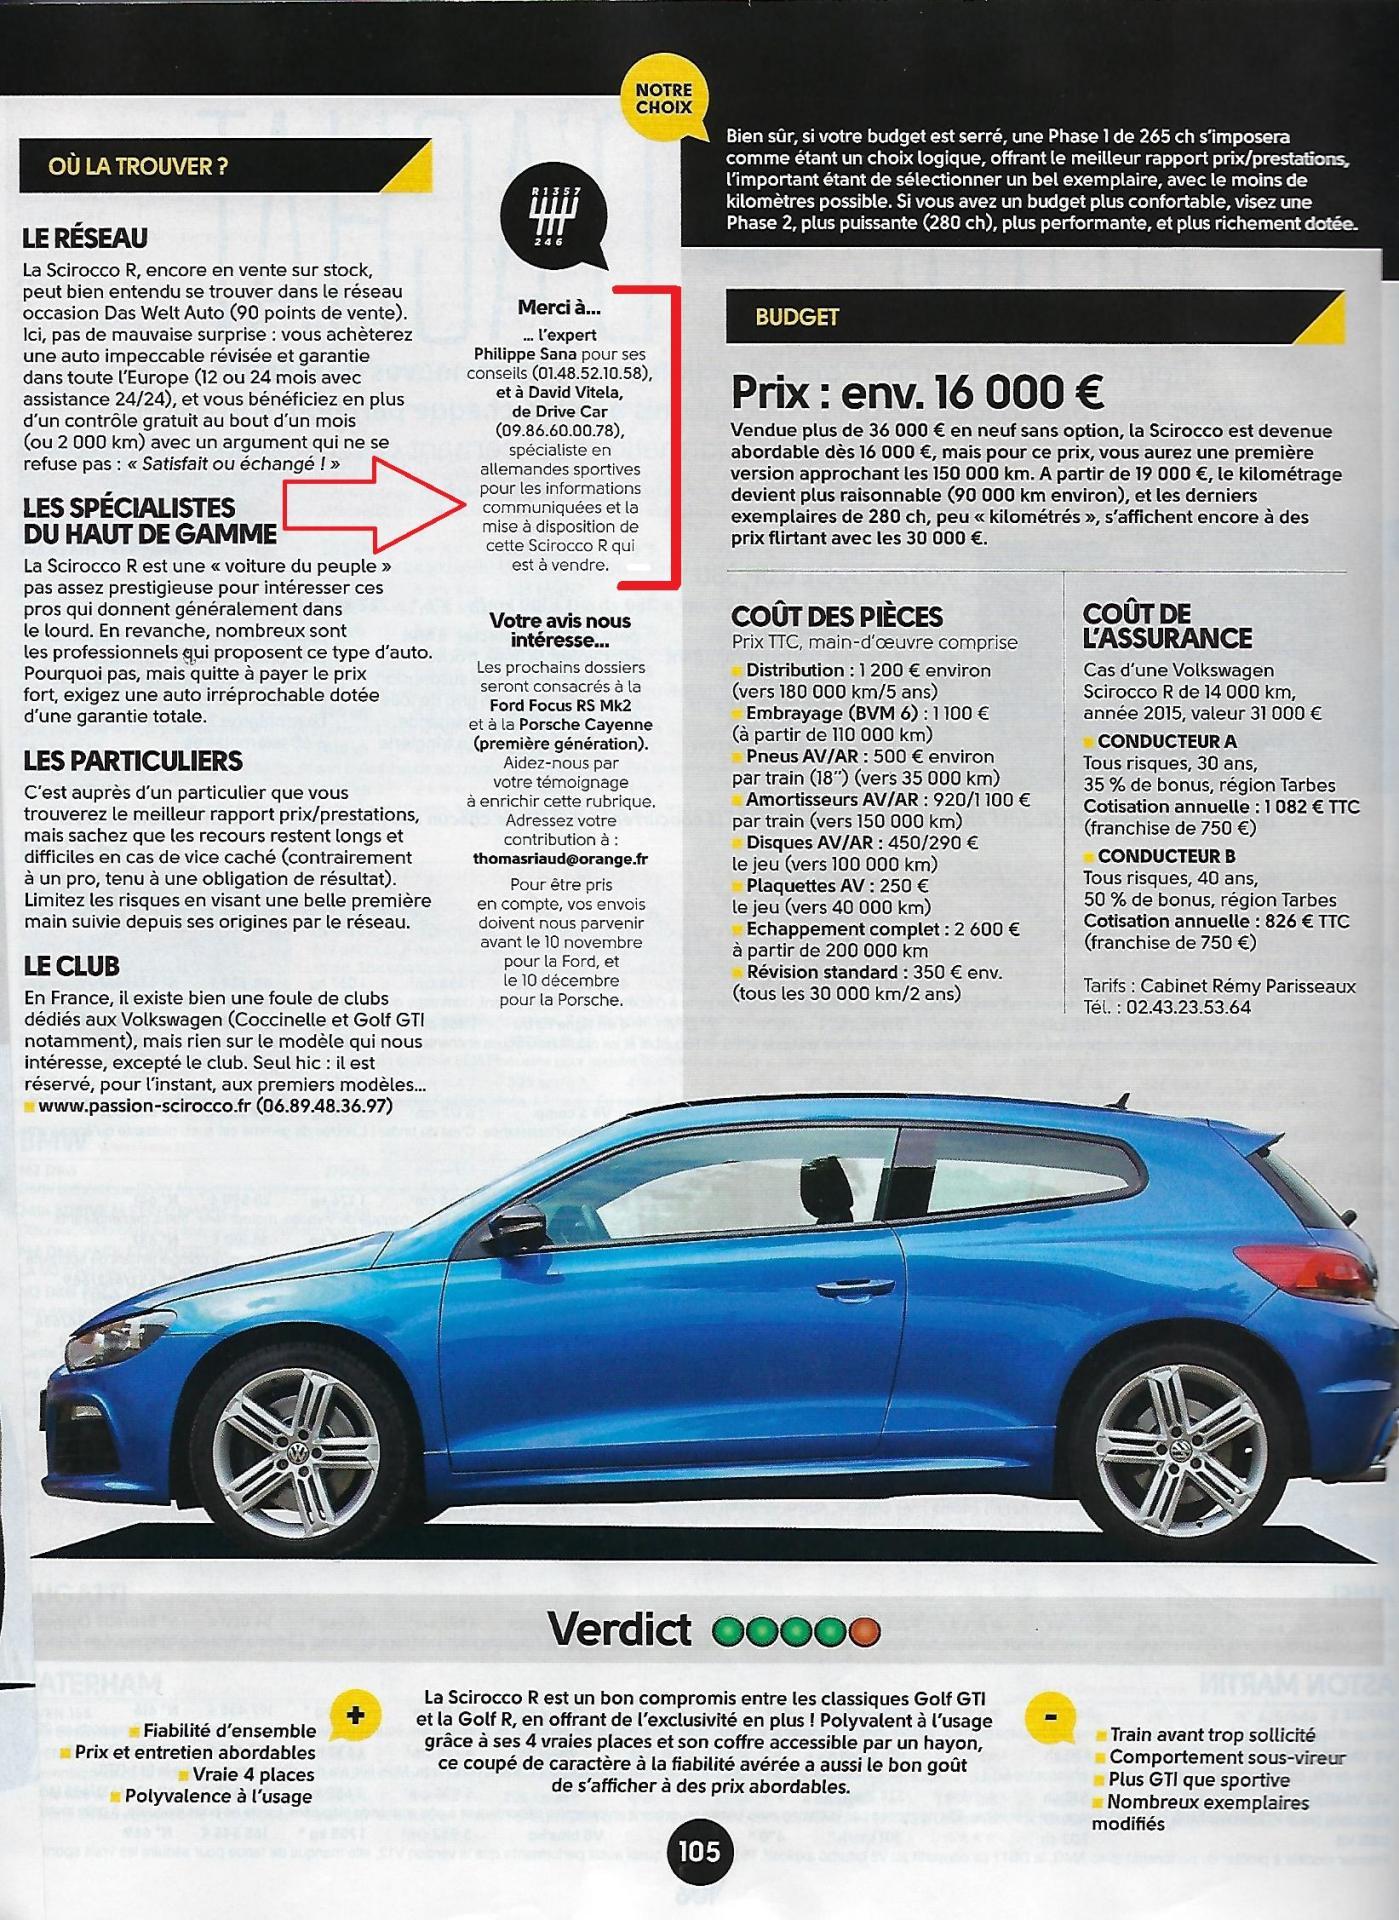 Sport auto reportage drivecar page 5